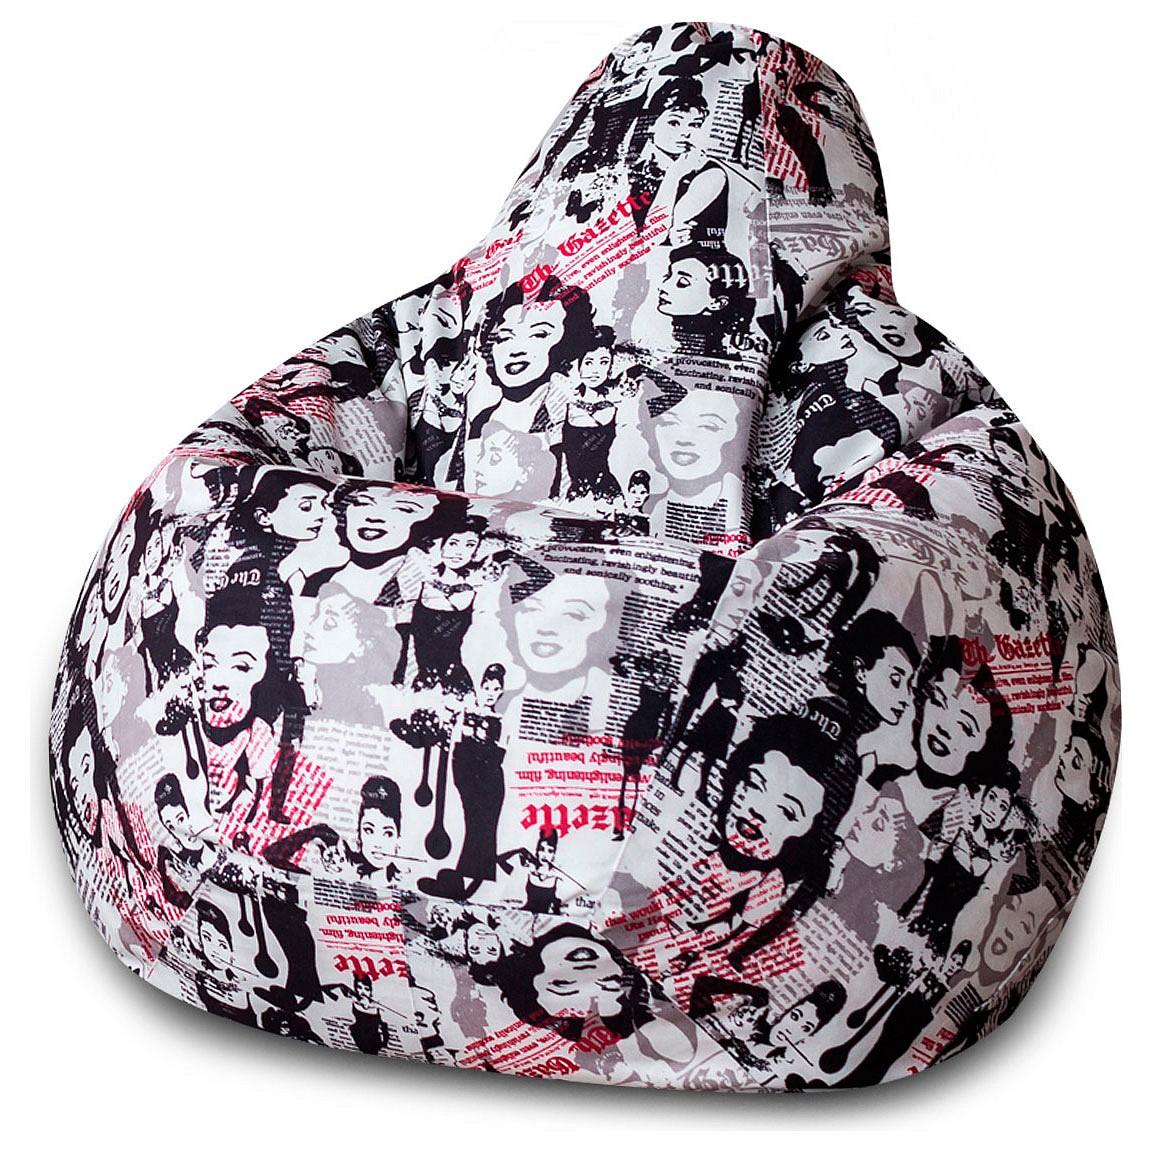 Кресло-мешок DreamBag Леди, размер XL, жаккард, белый; красный; черный фото